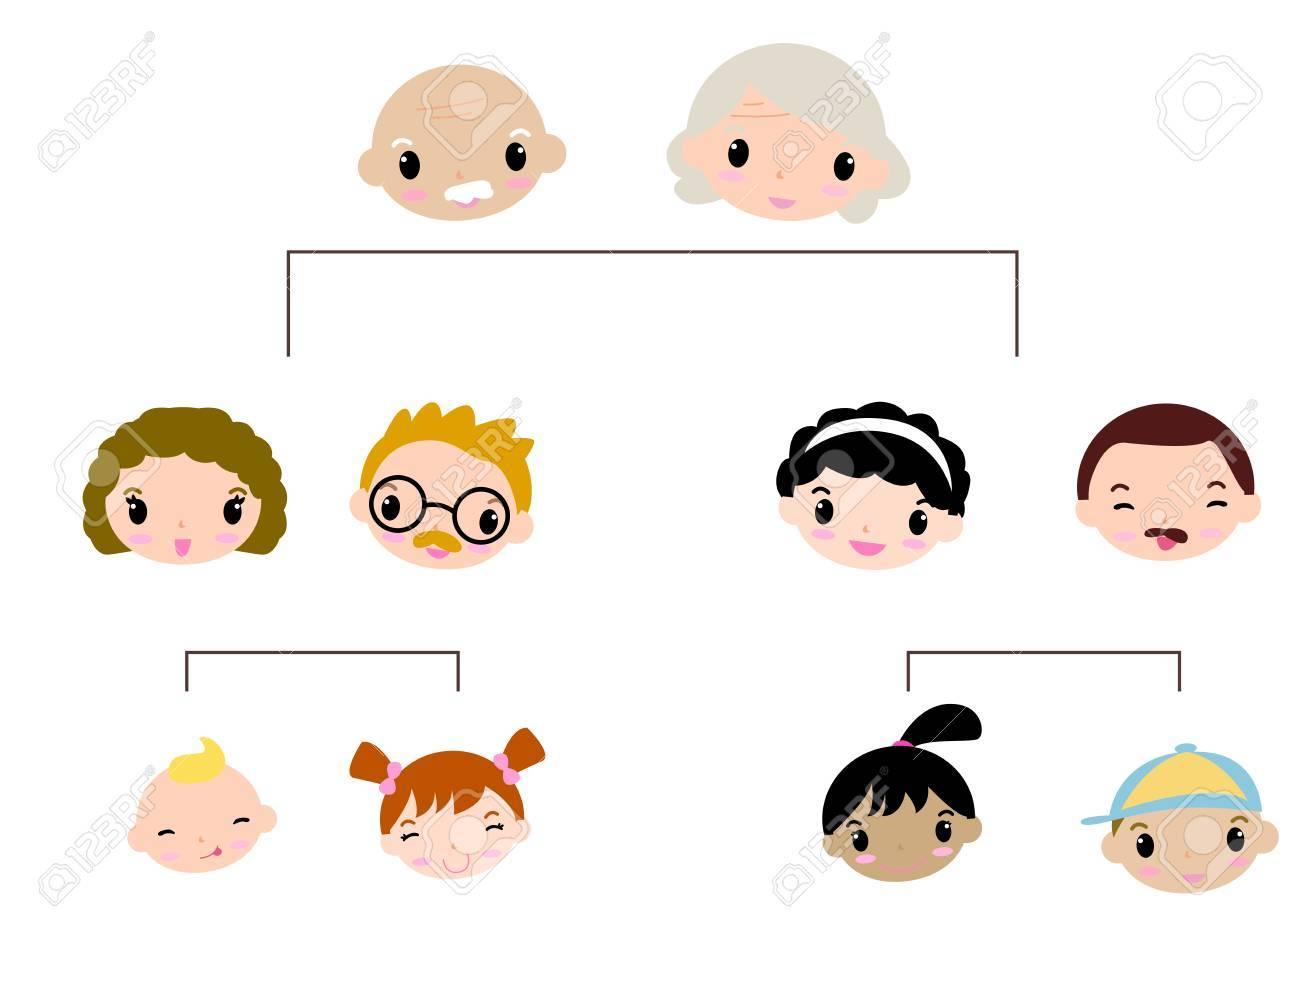 家系図のイラスト素材ベクタ Image 30726917